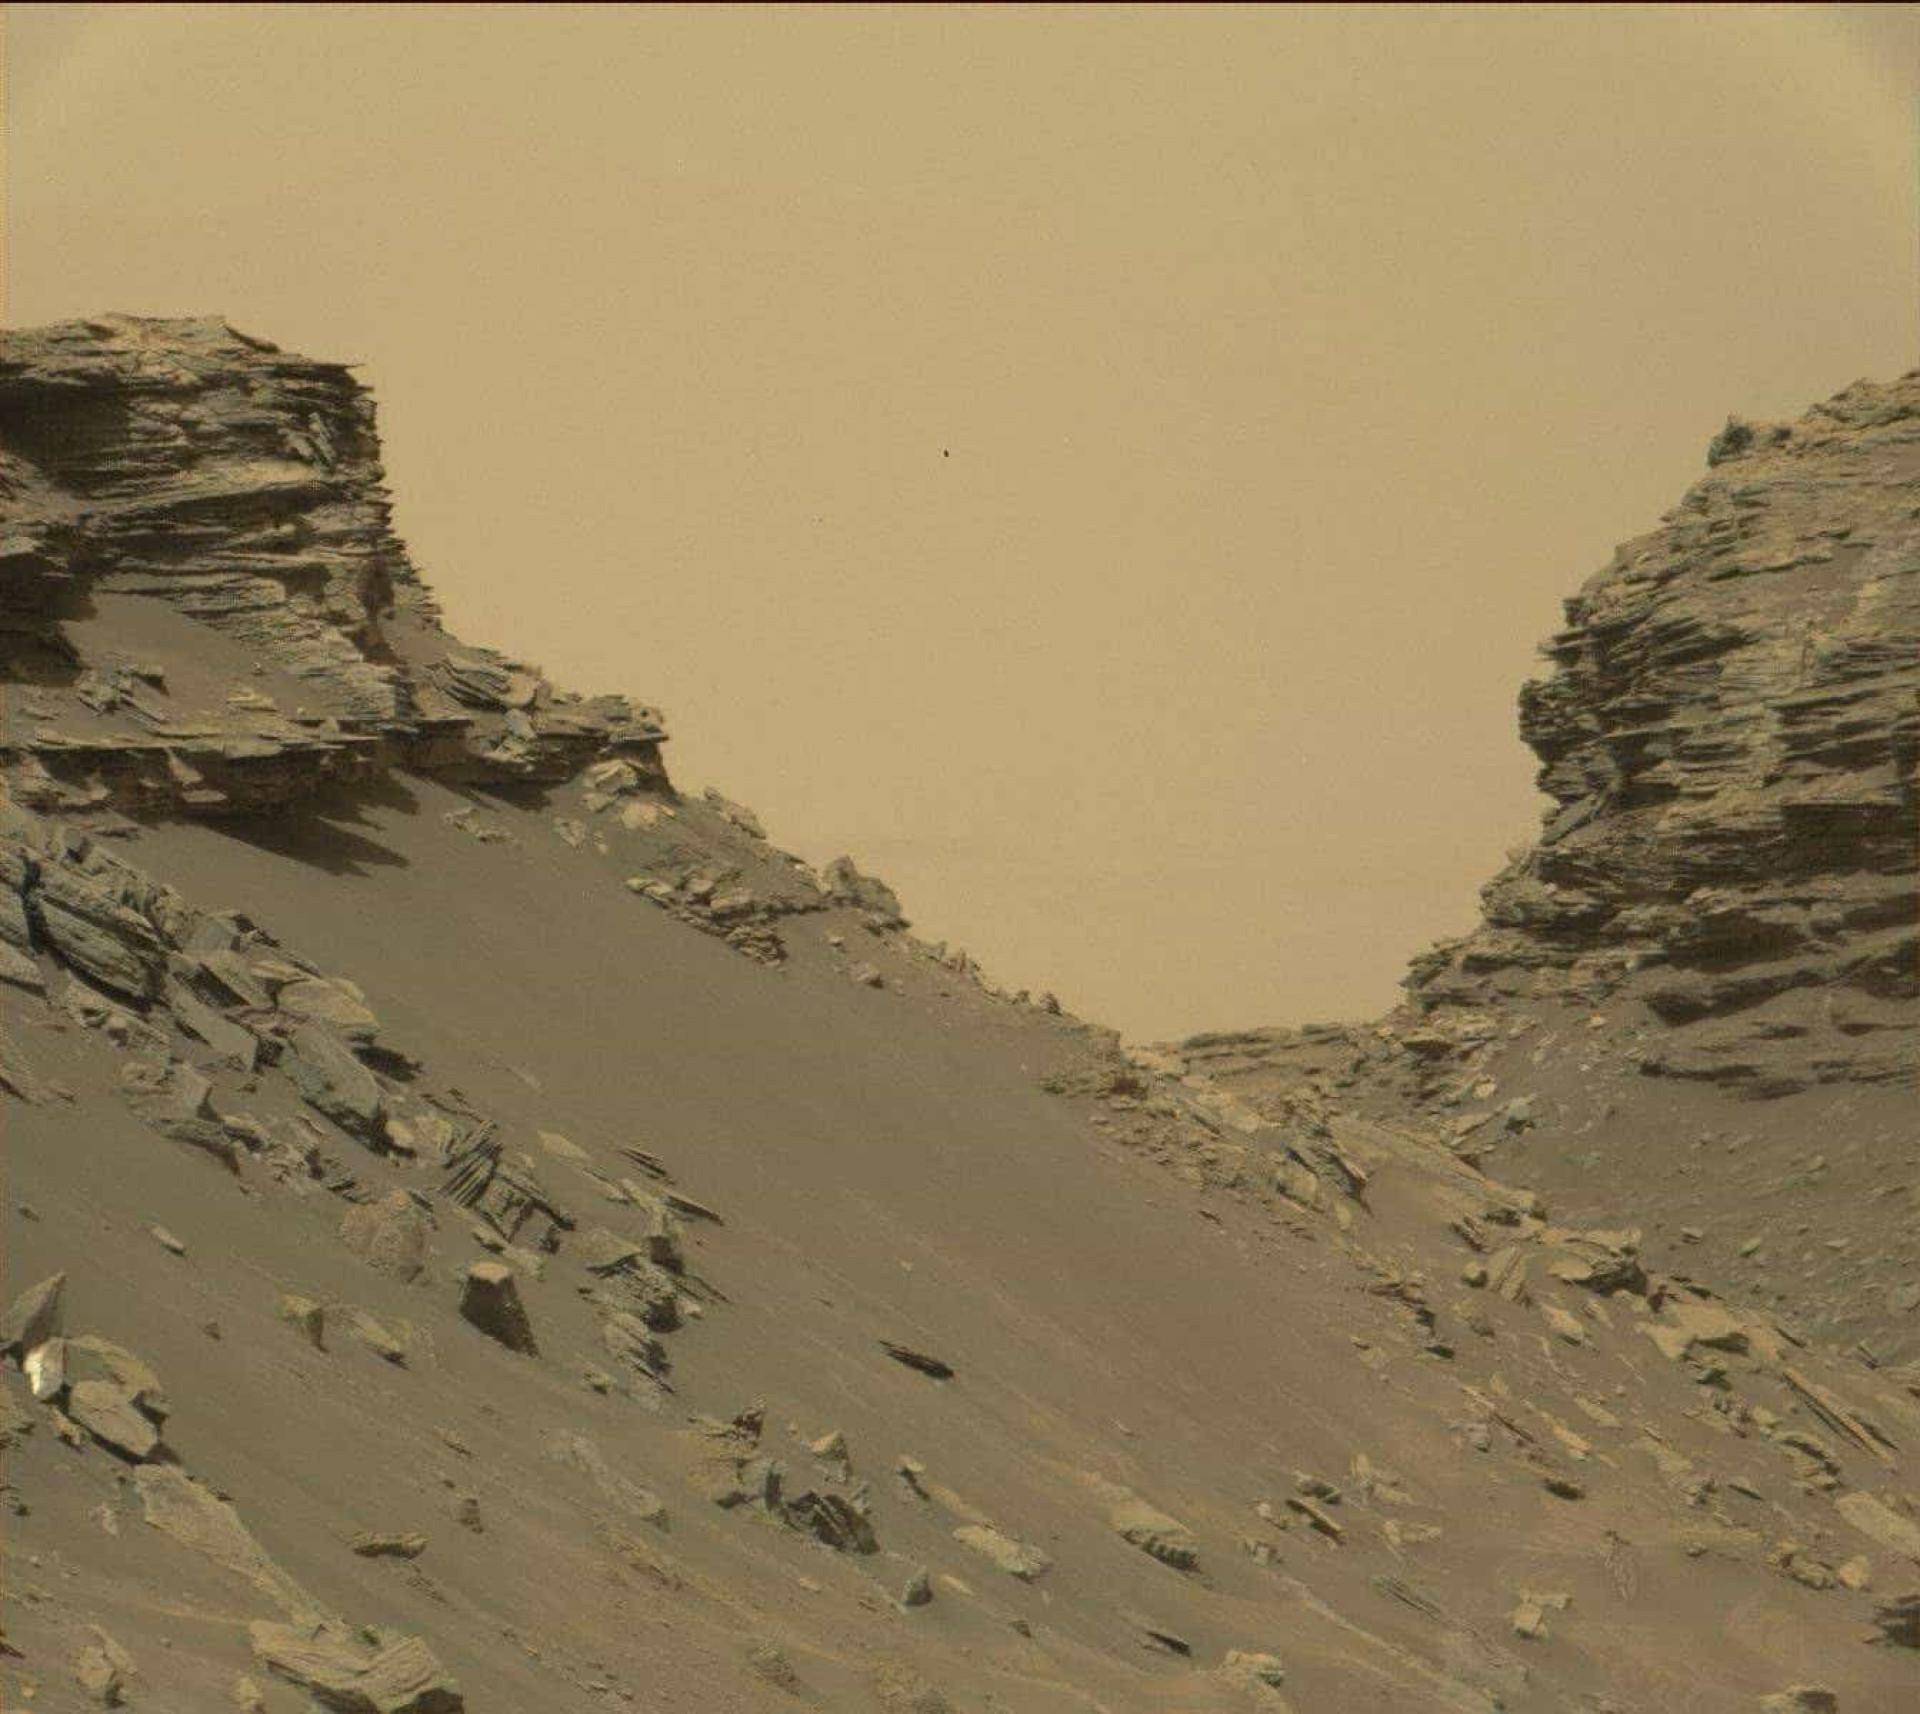 NASA revela novas imagens de Marte captadas pelo Curiosity